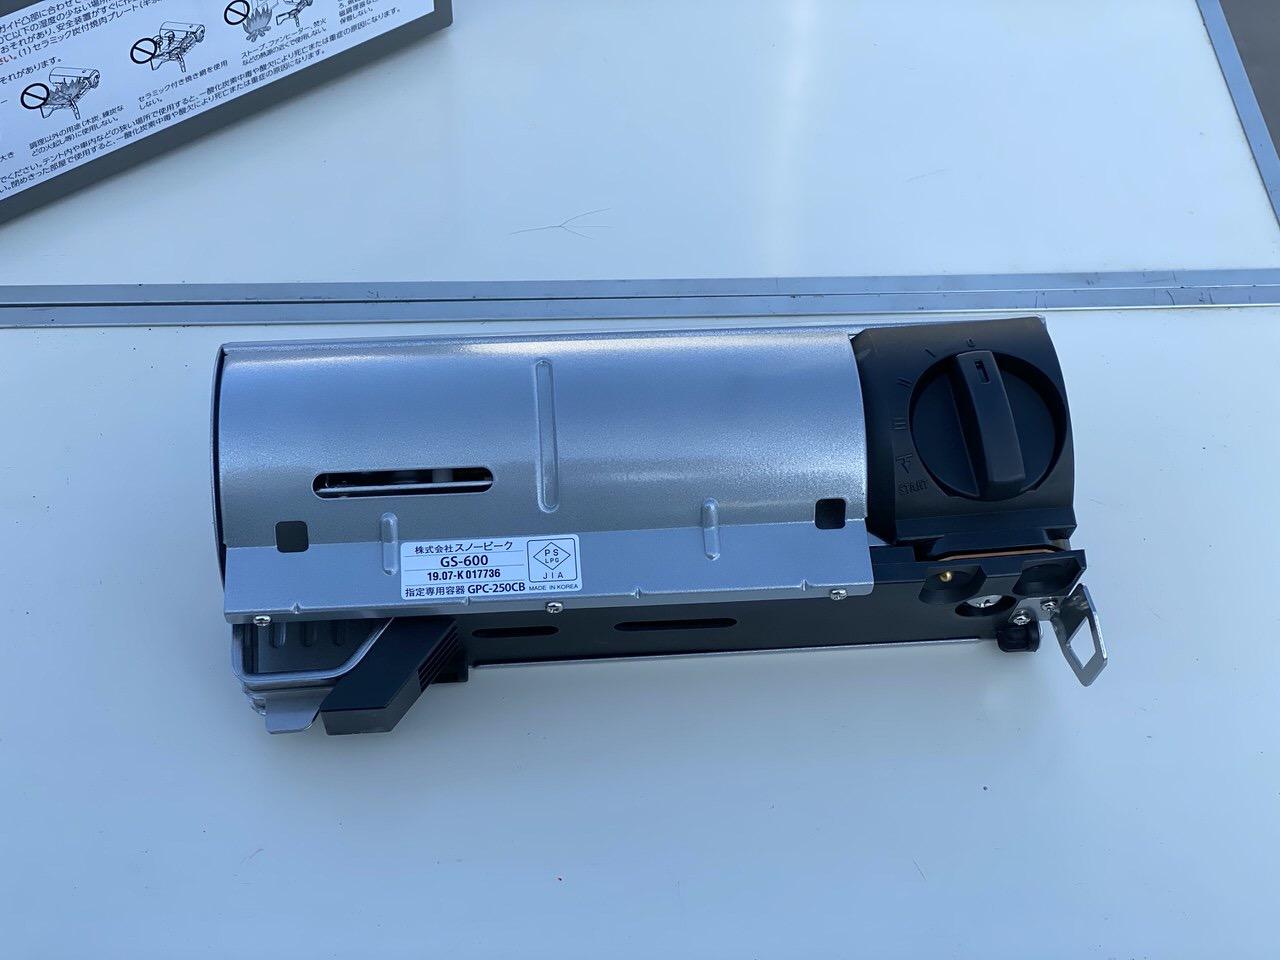 スノーピークのカセットコンロ「HOME&CAMPバーナー(GS-600KH)」3